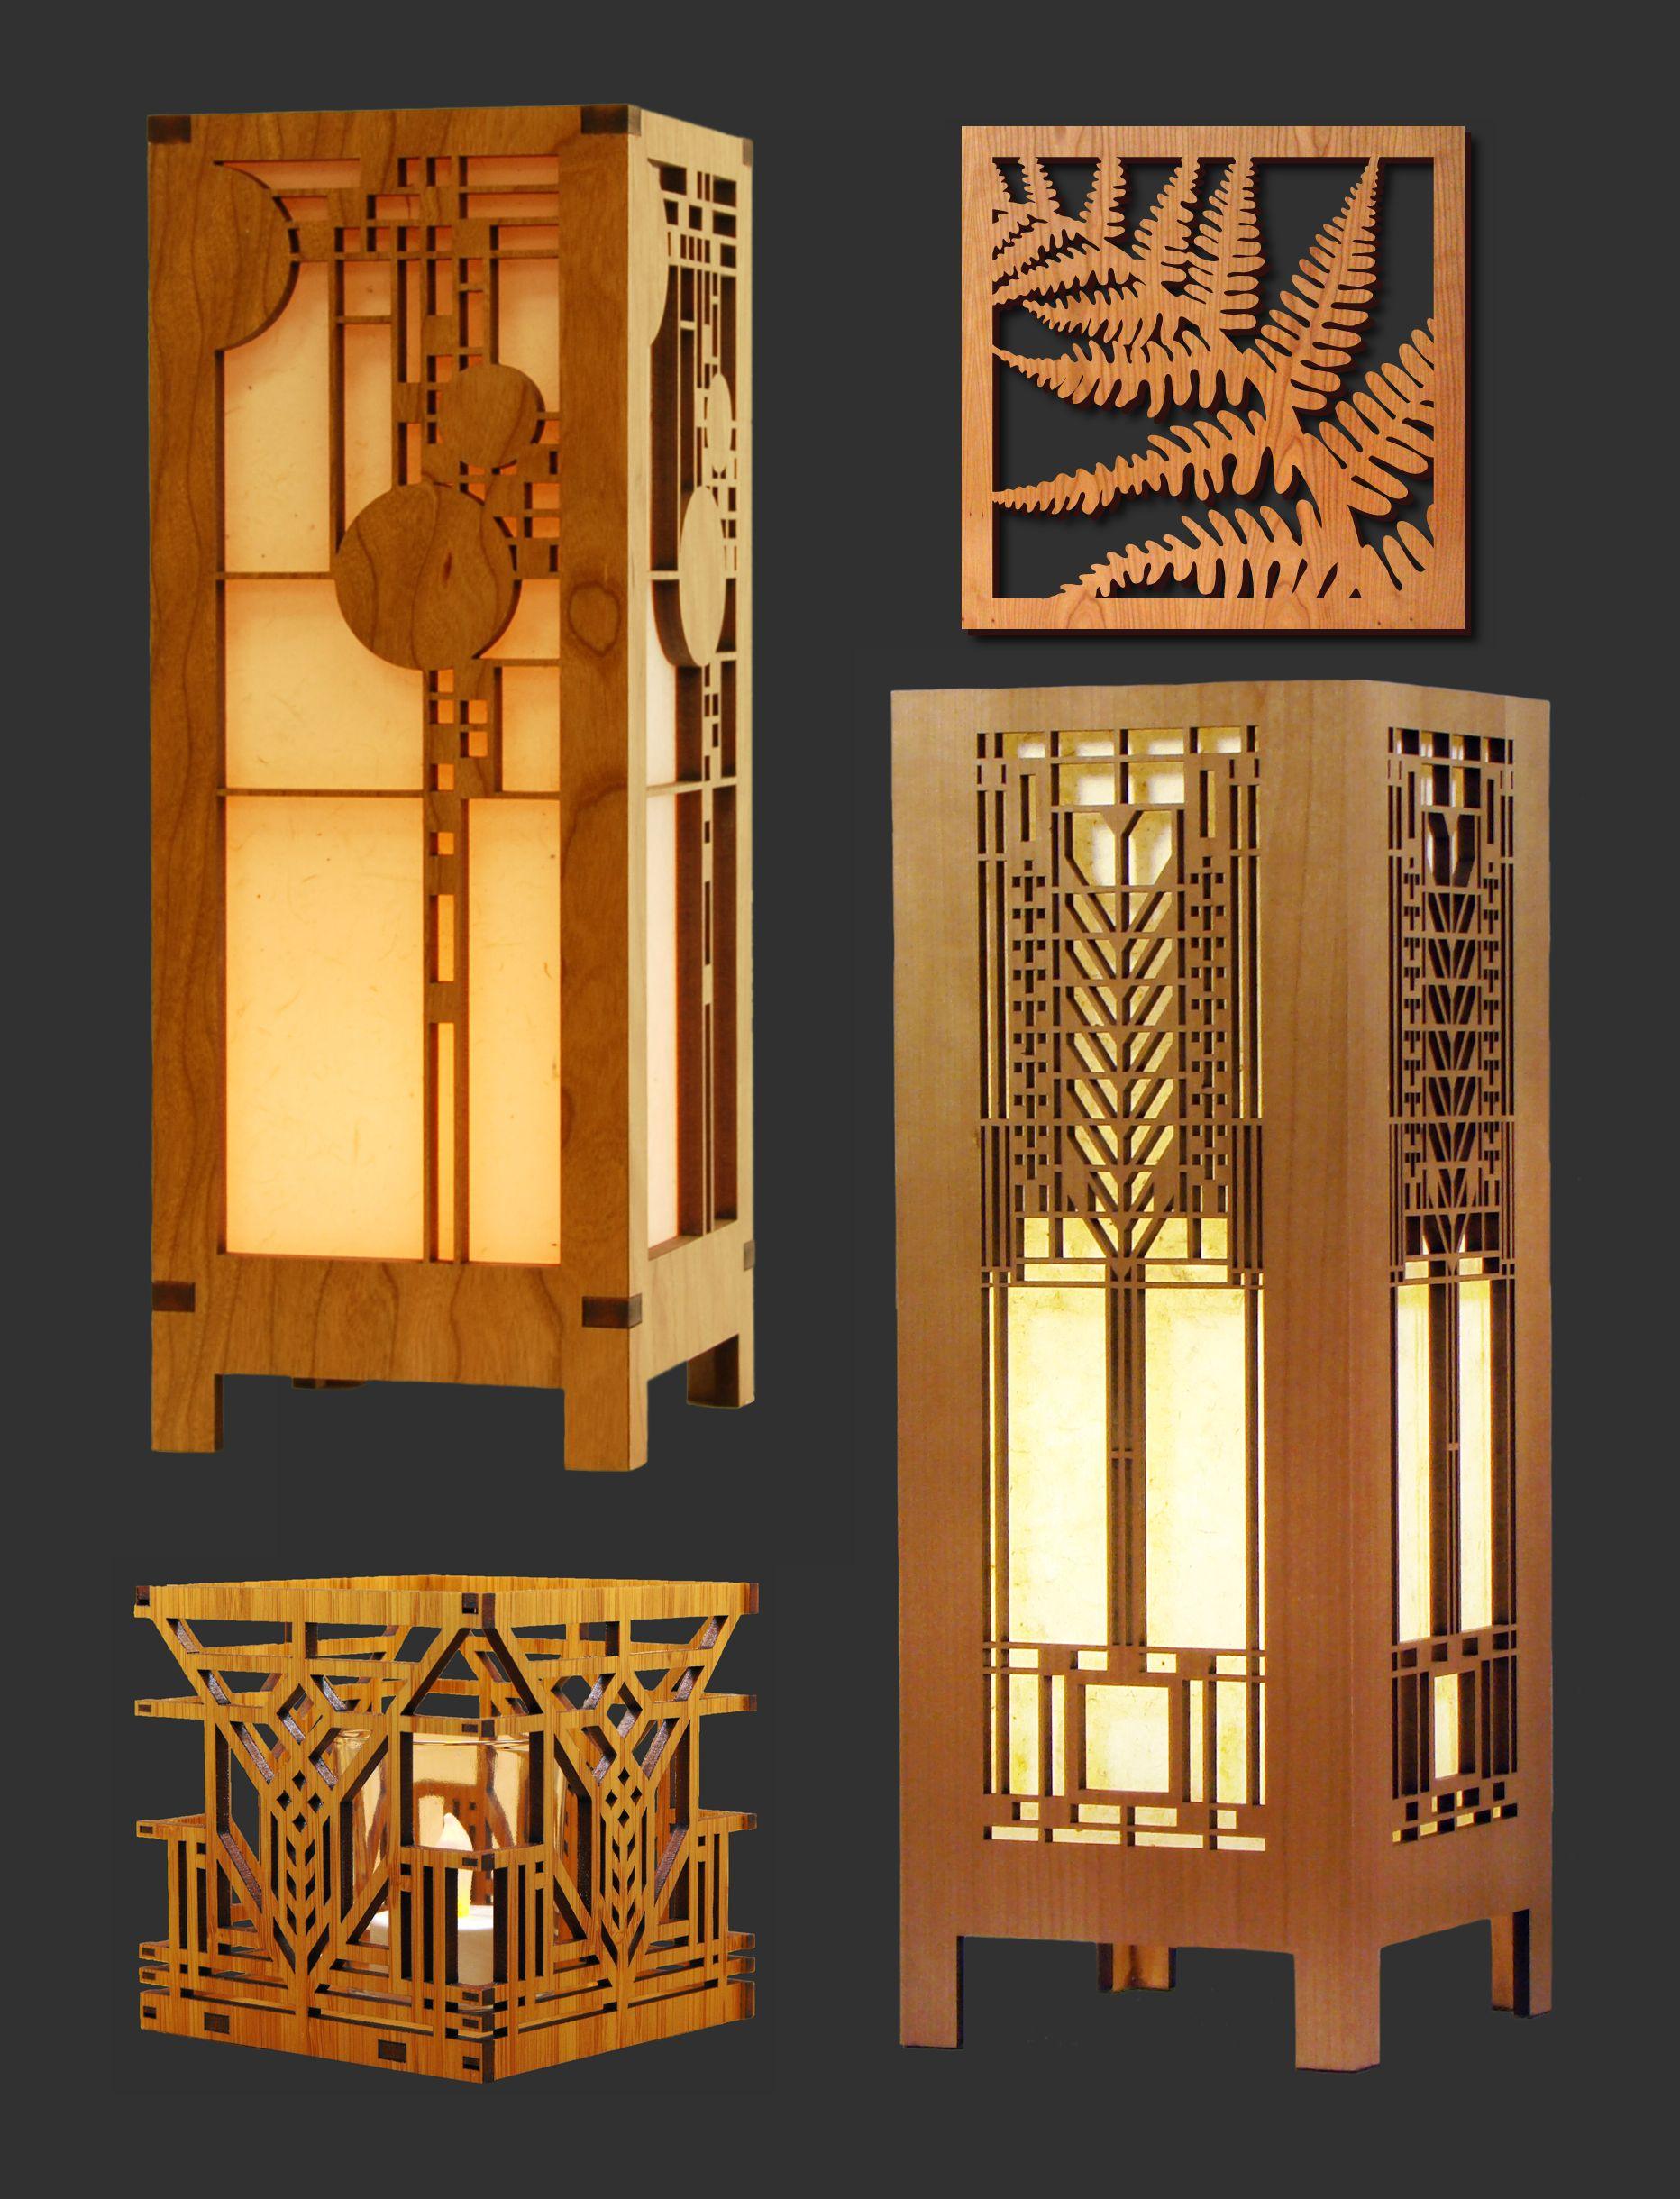 corte lser de madera y productos de papel por lser de onda luminosa laser cut woodlaser - Laser Cut Wood